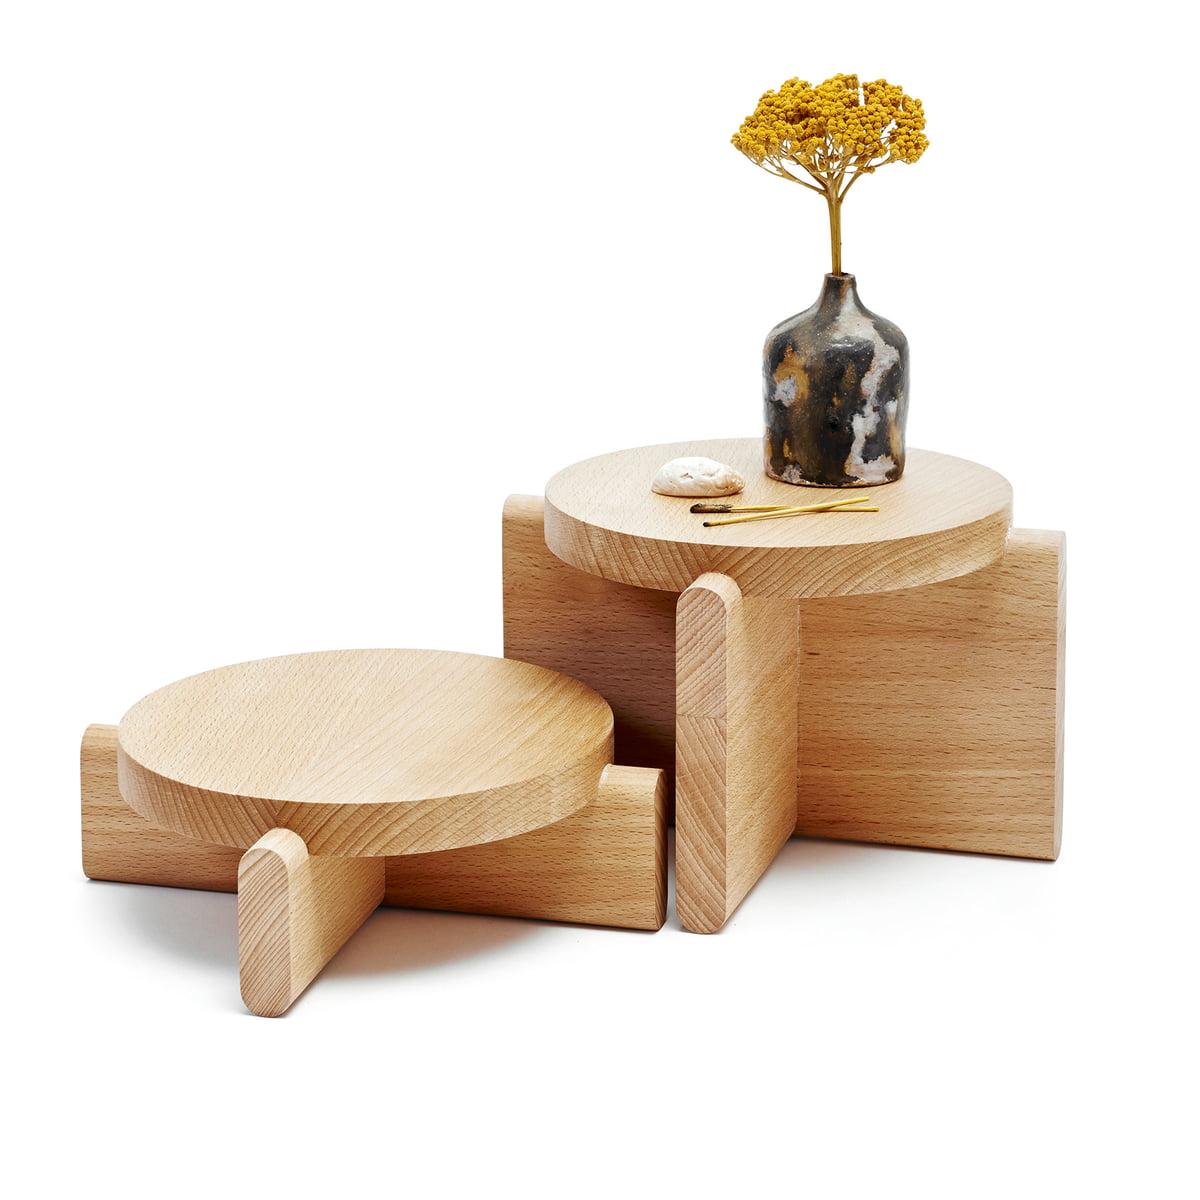 pflanzen podest set von areaware im shop. Black Bedroom Furniture Sets. Home Design Ideas